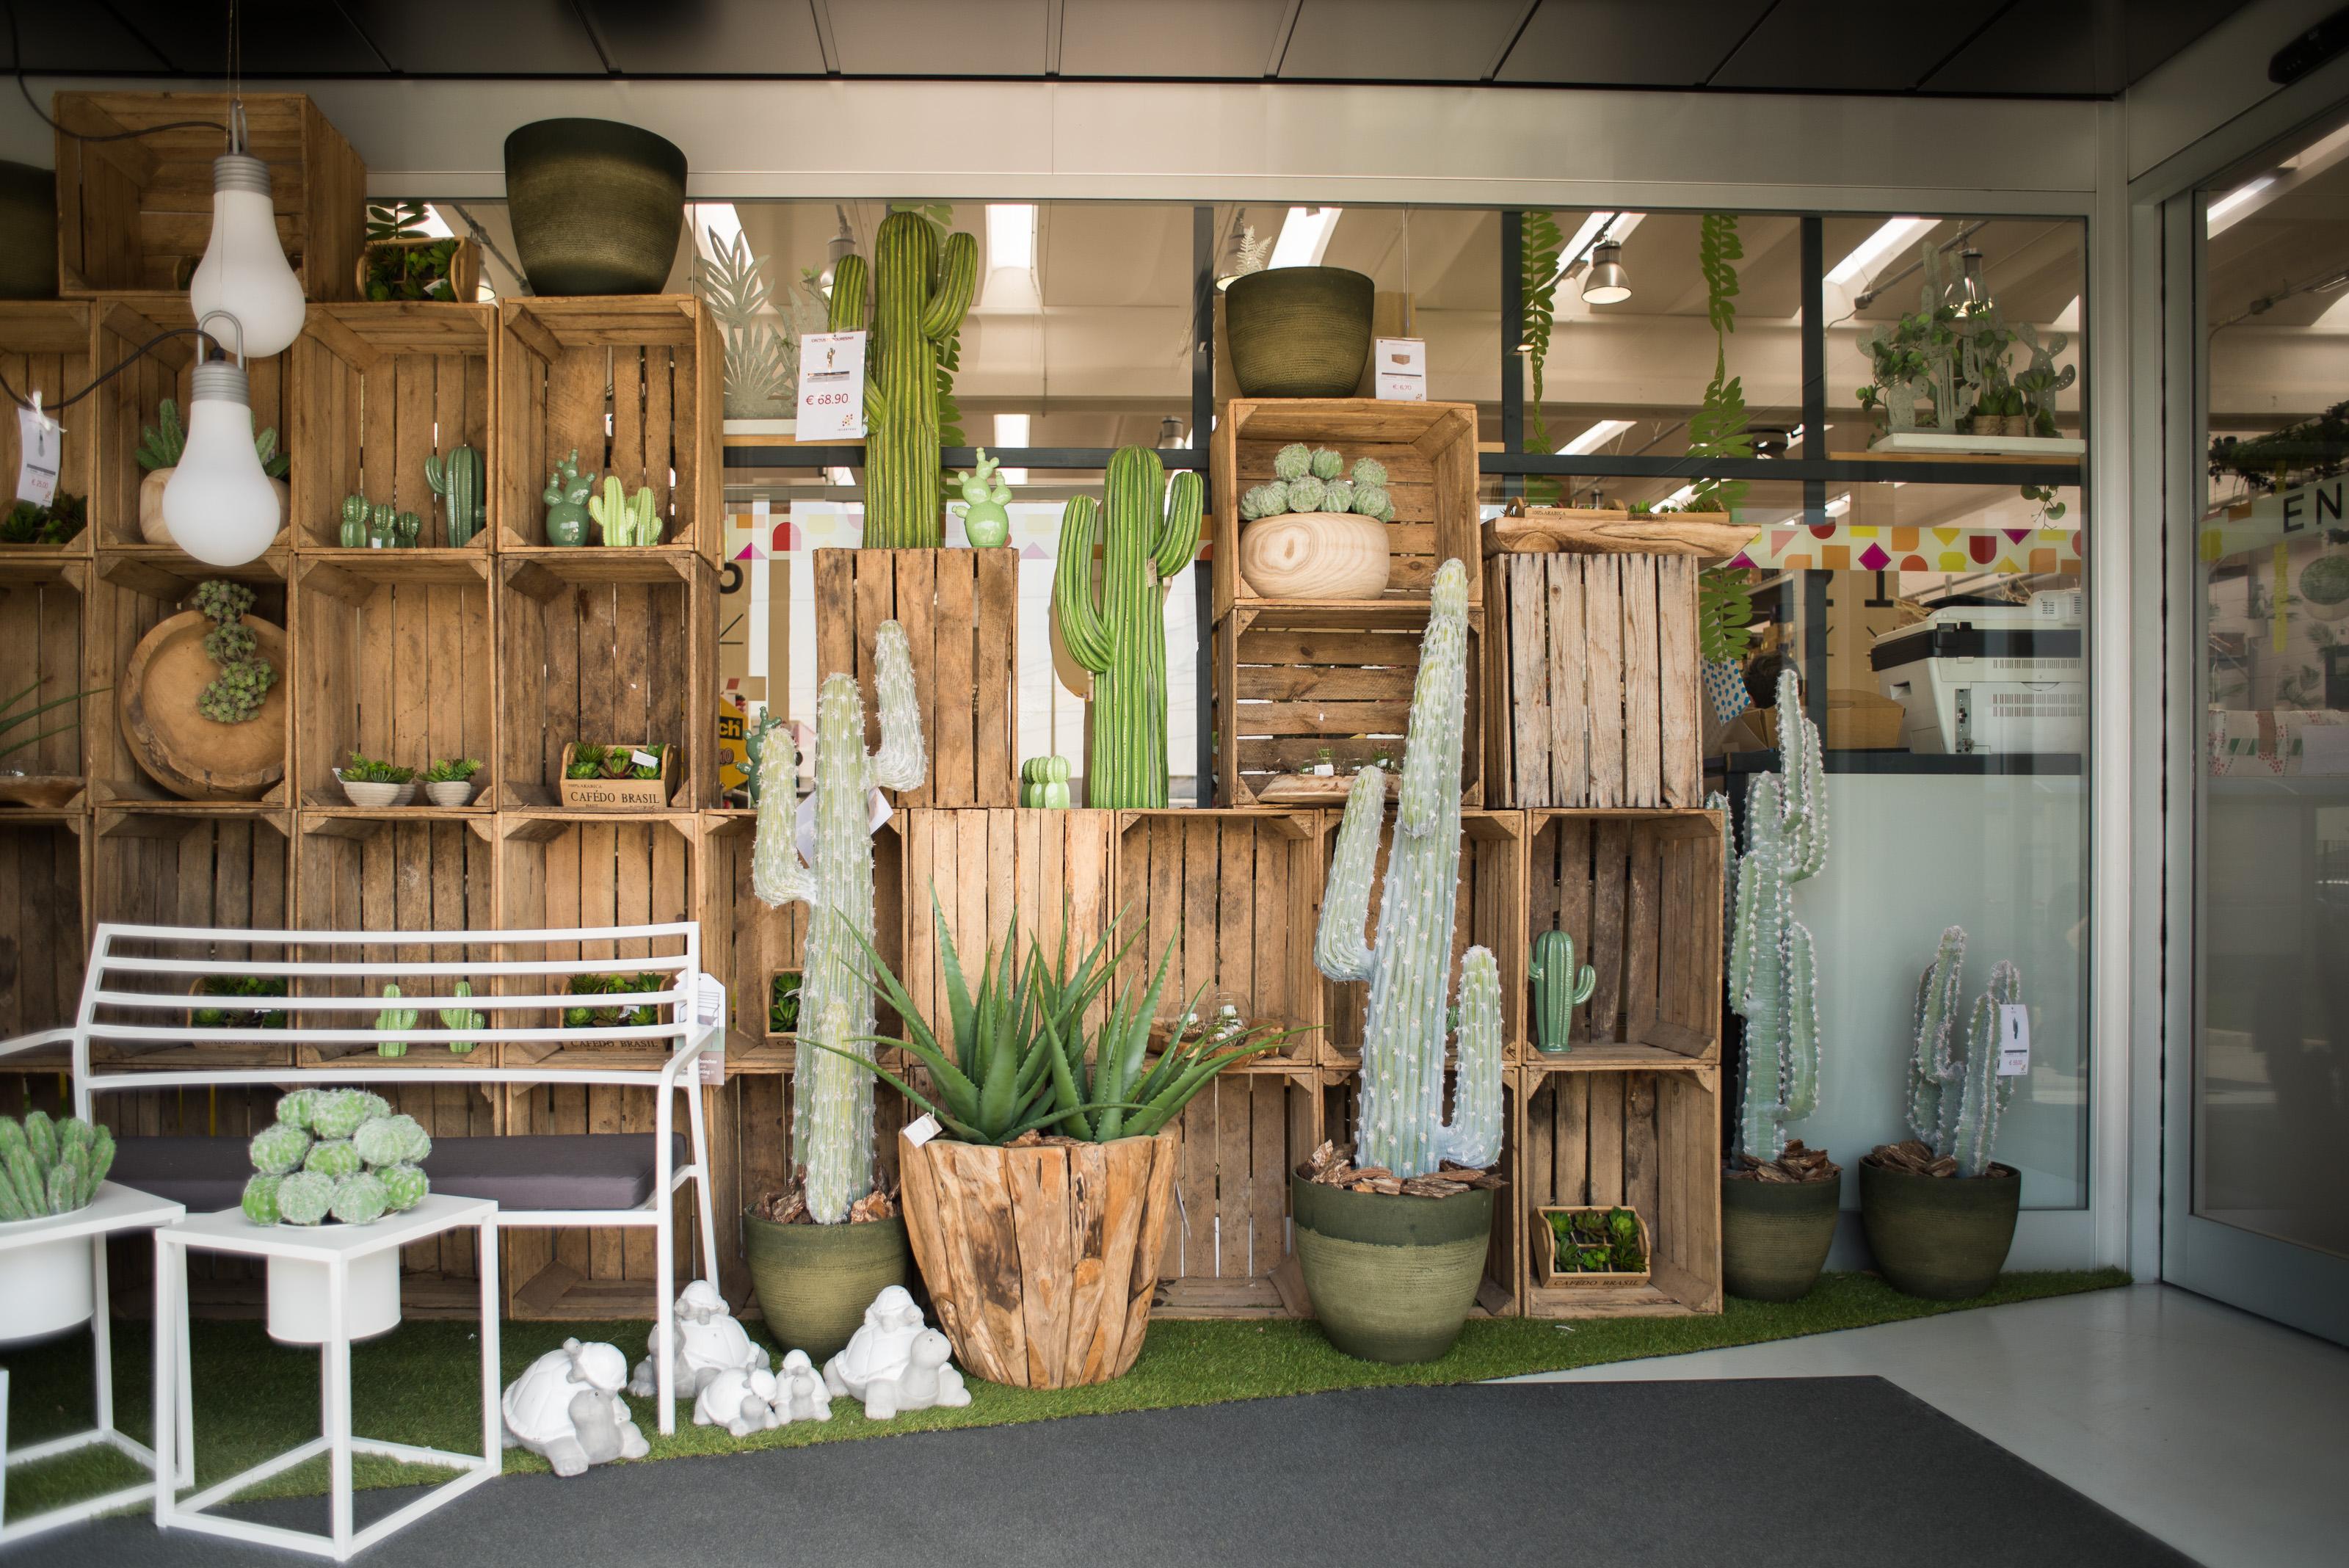 Garden Style Arredo Giardino.Arredi Da Giardino Idee E Consigli Il Blog Di Incartare Cash Carry